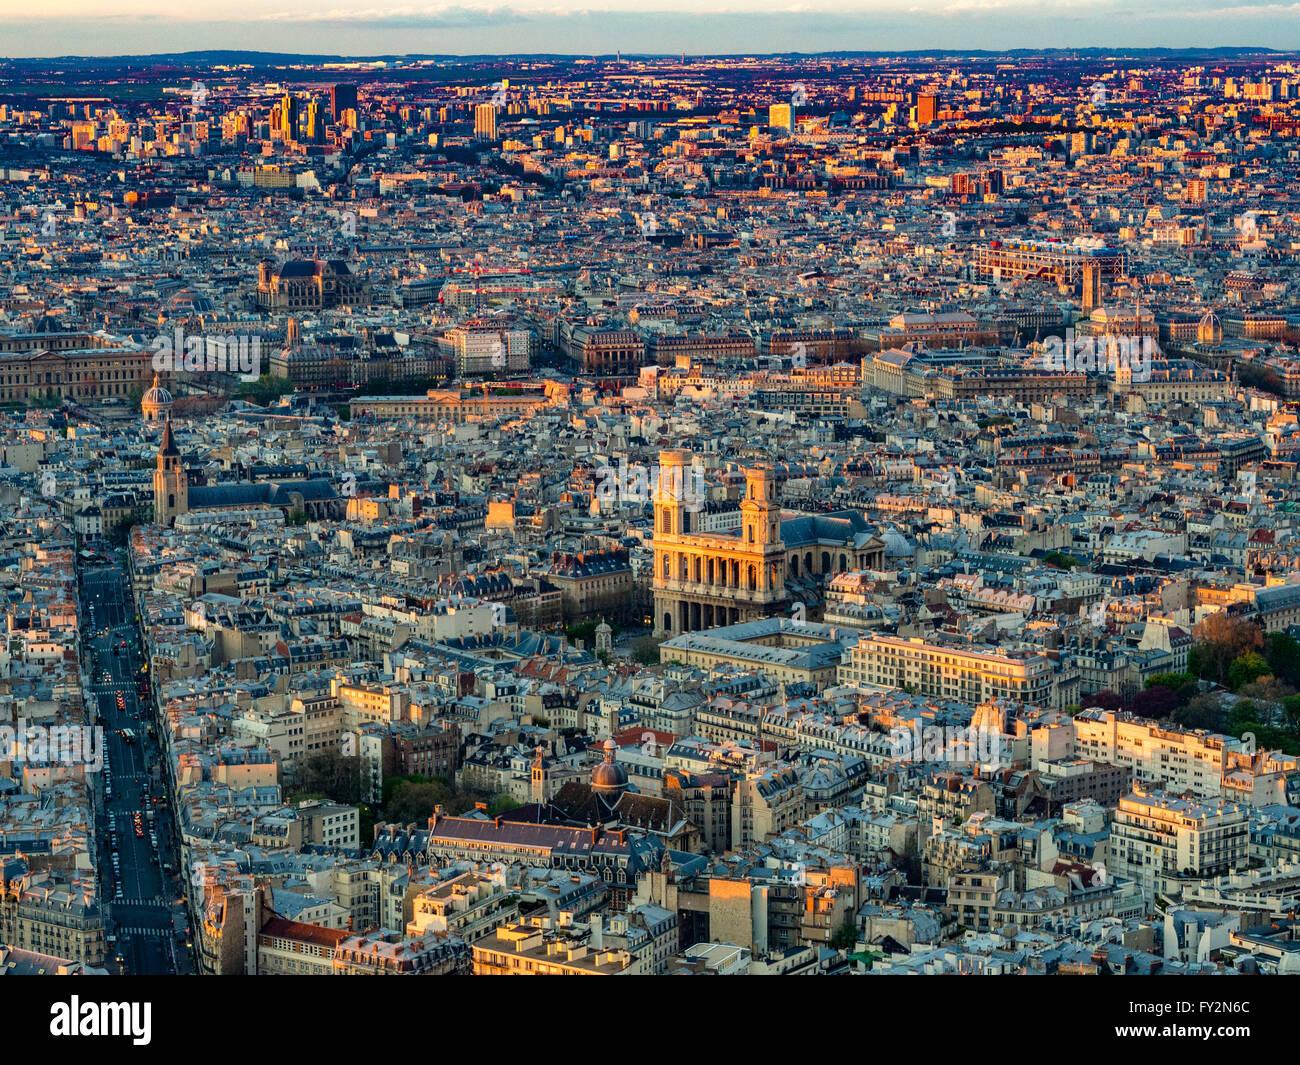 Luftaufnahme der Kirche Saint-Sulpice, Paris, Frankreich. Stockfoto